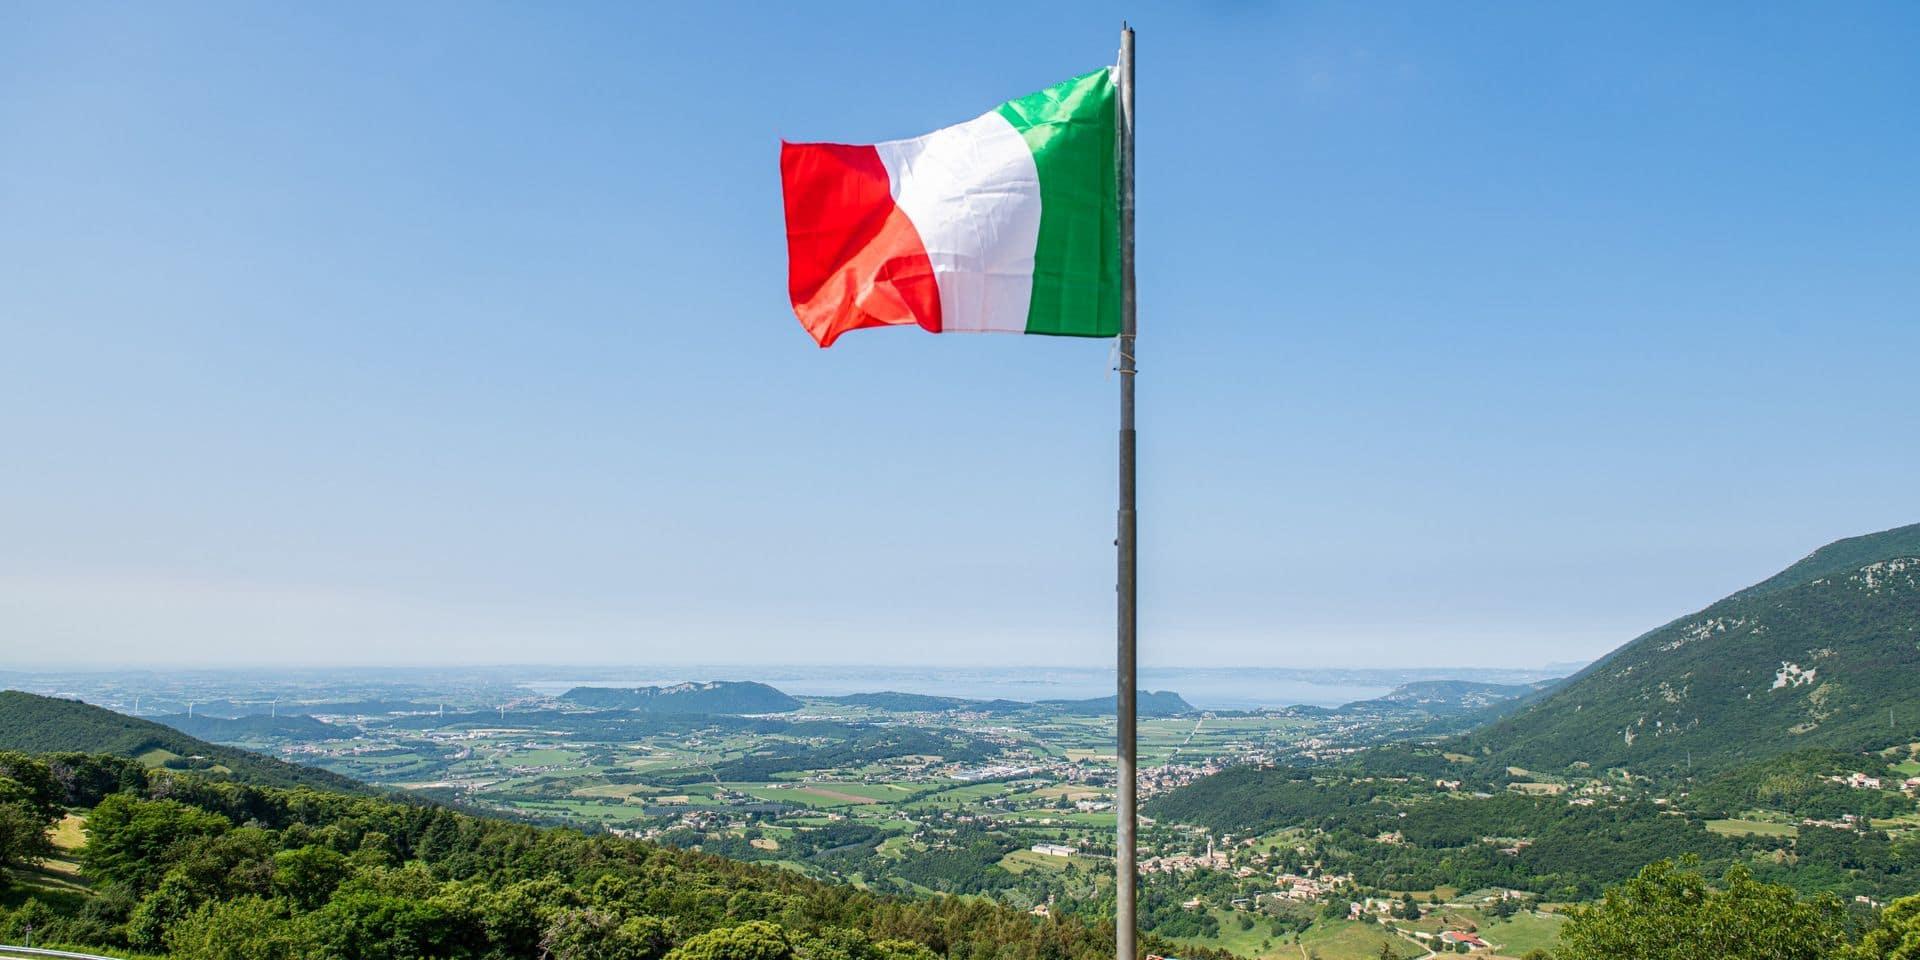 Italie: un homme ouvre le feu dans un club, dix blessés